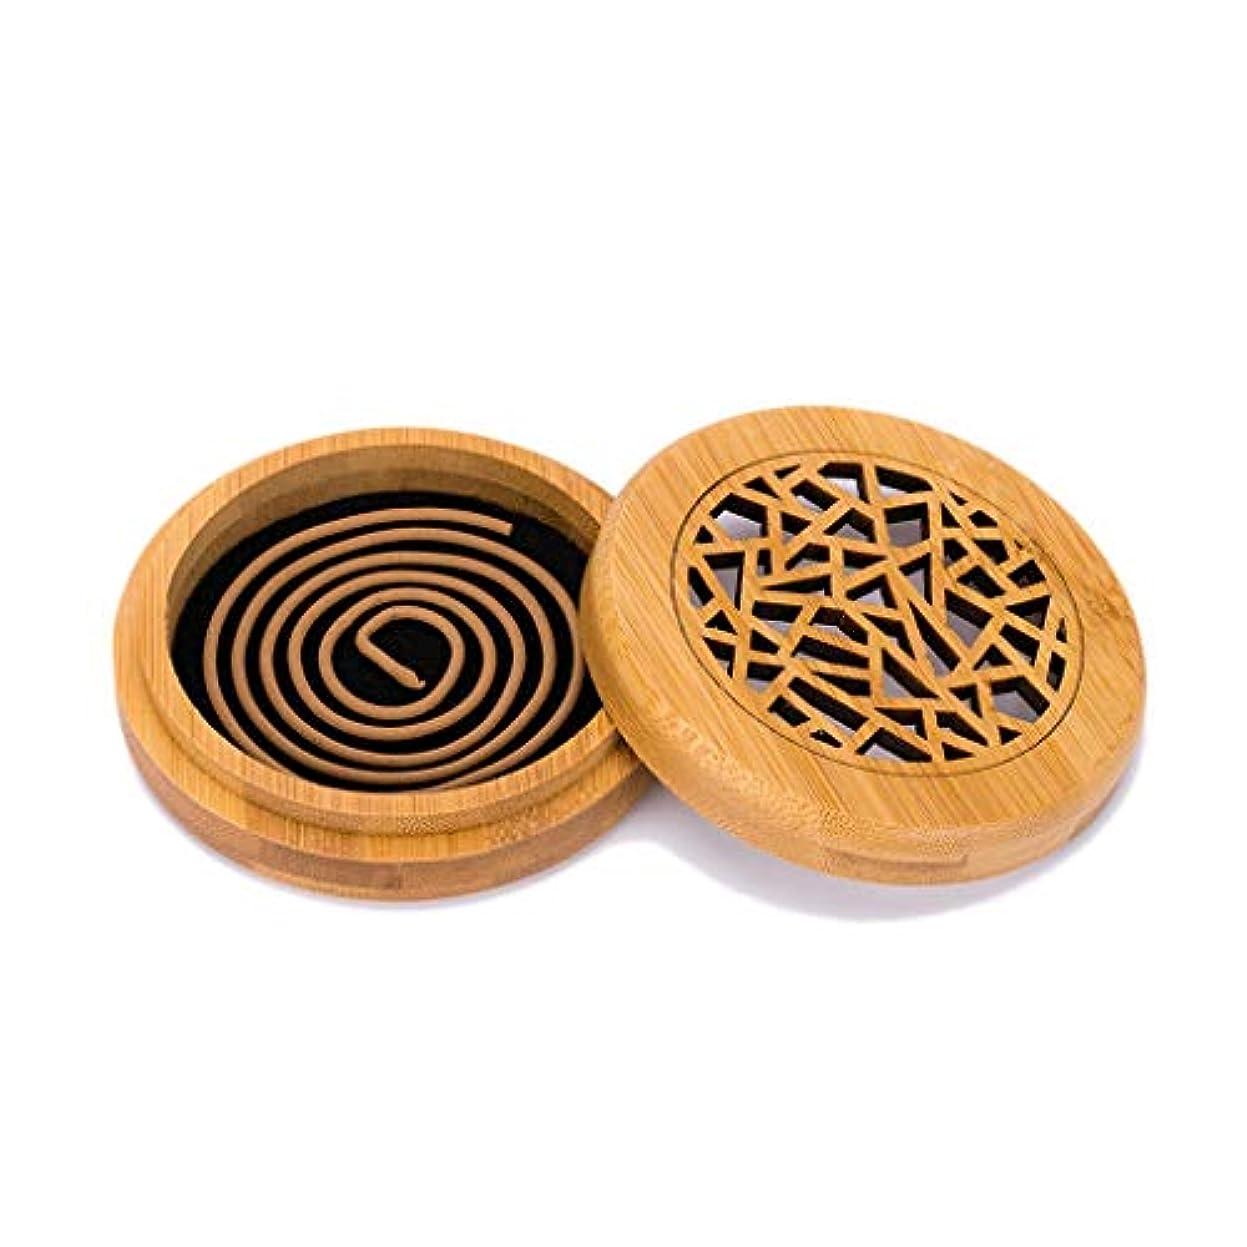 上記の頭と肩思慮深いロケット木製香炉コイル香スティックコーンバーナーホルダー部屋の装飾瞑想竹アッシュキャッチャー香ホルダー (Color : Wood, サイズ : Round)